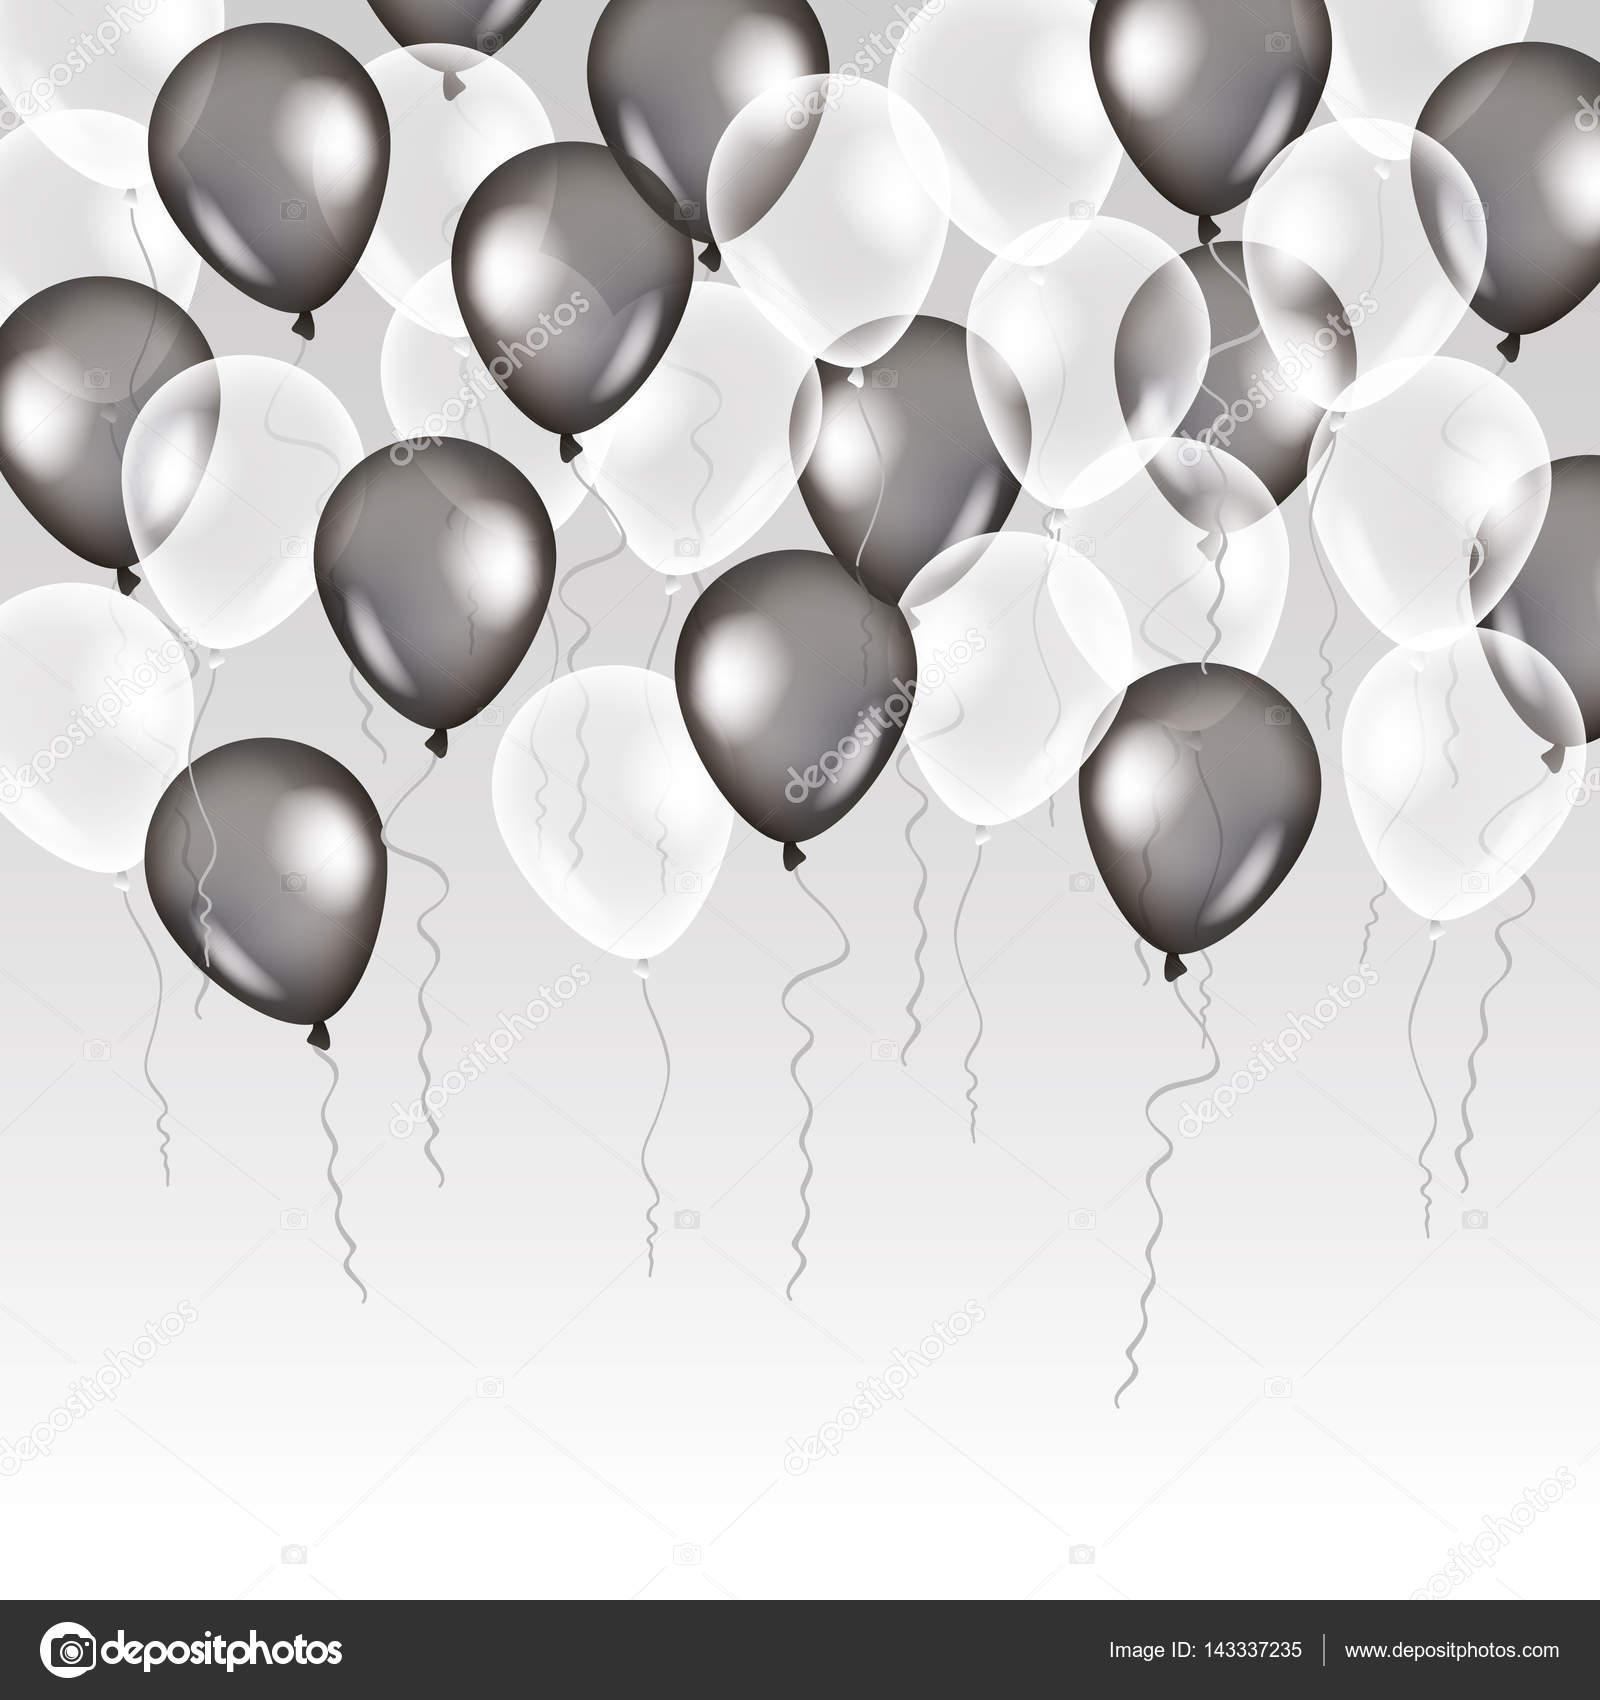 schwarz weiß transparent ballon auf hintergrund — stockvektor